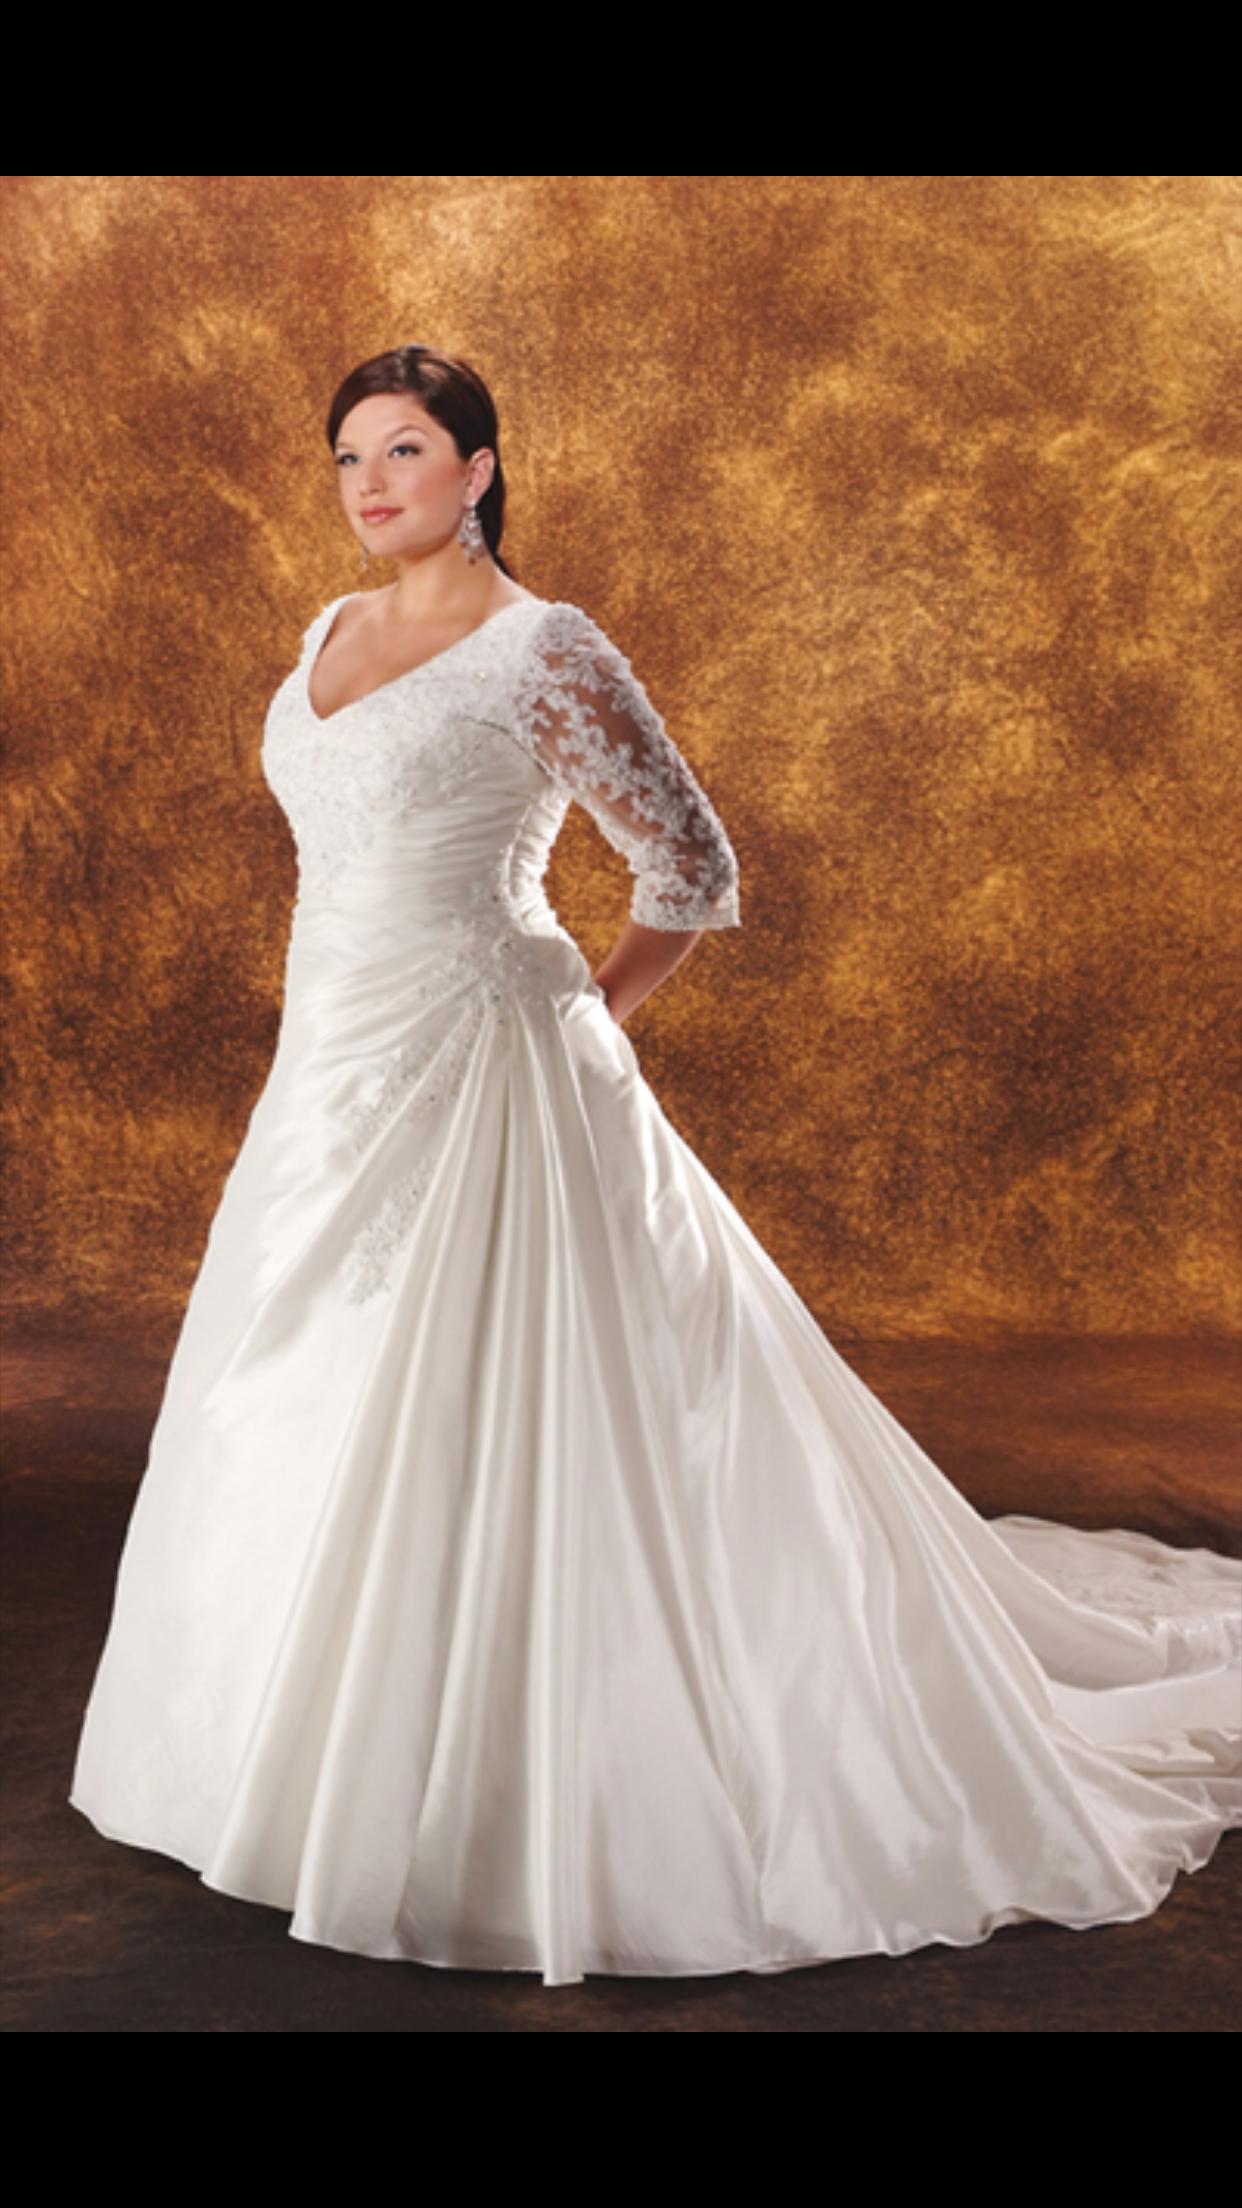 Pin von Rachael Turner auf Wedding Wear | Pinterest ...